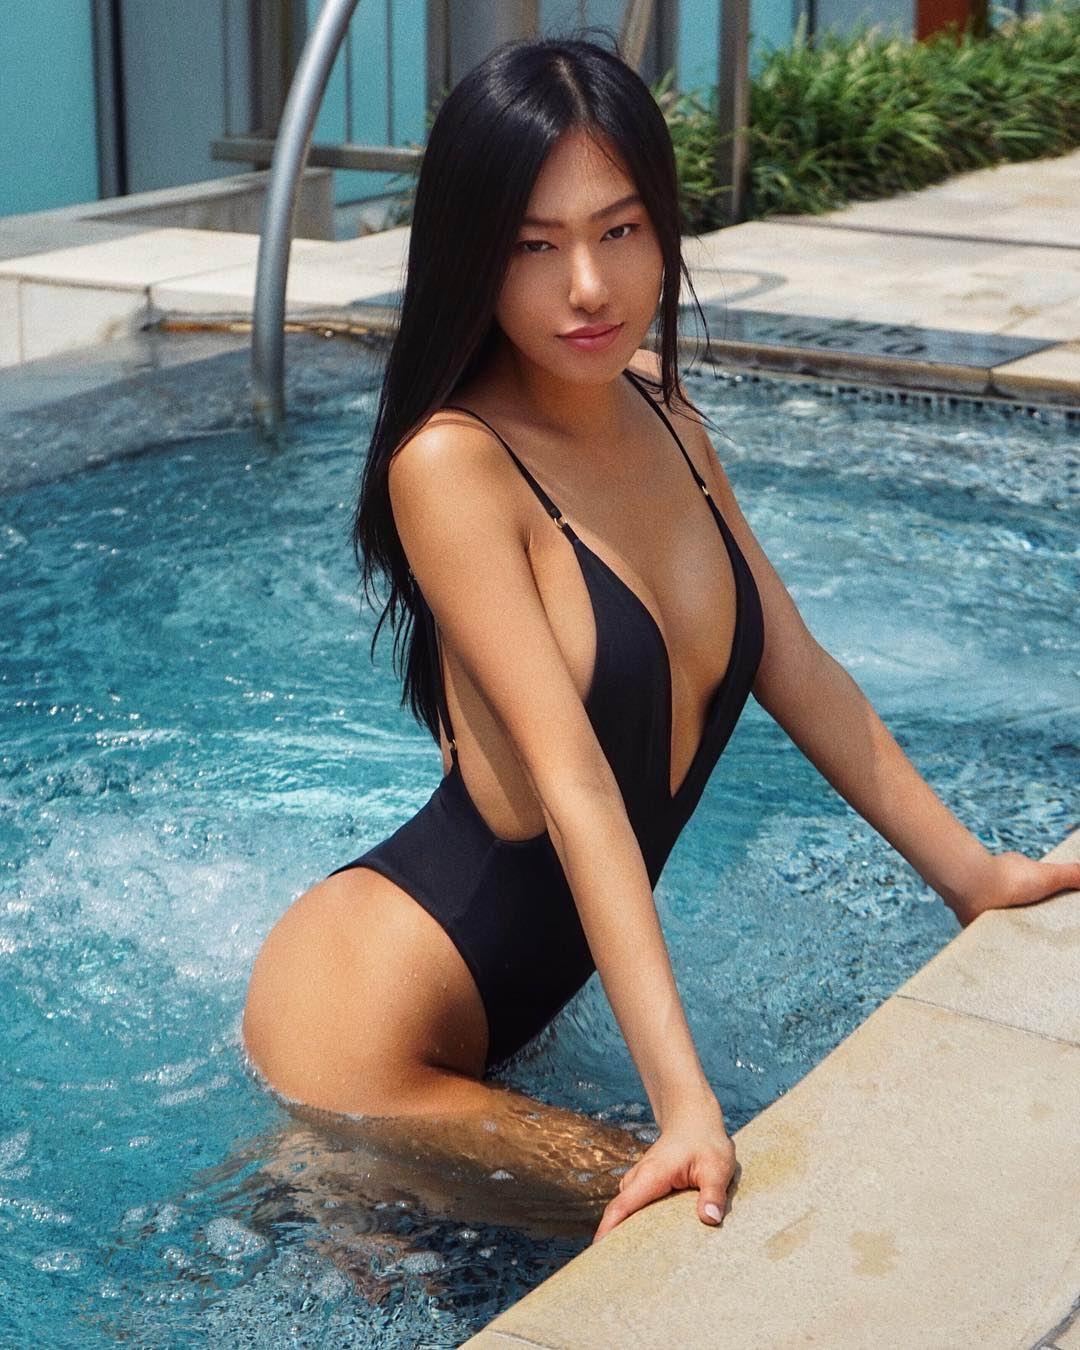 Эскорт модель Ким